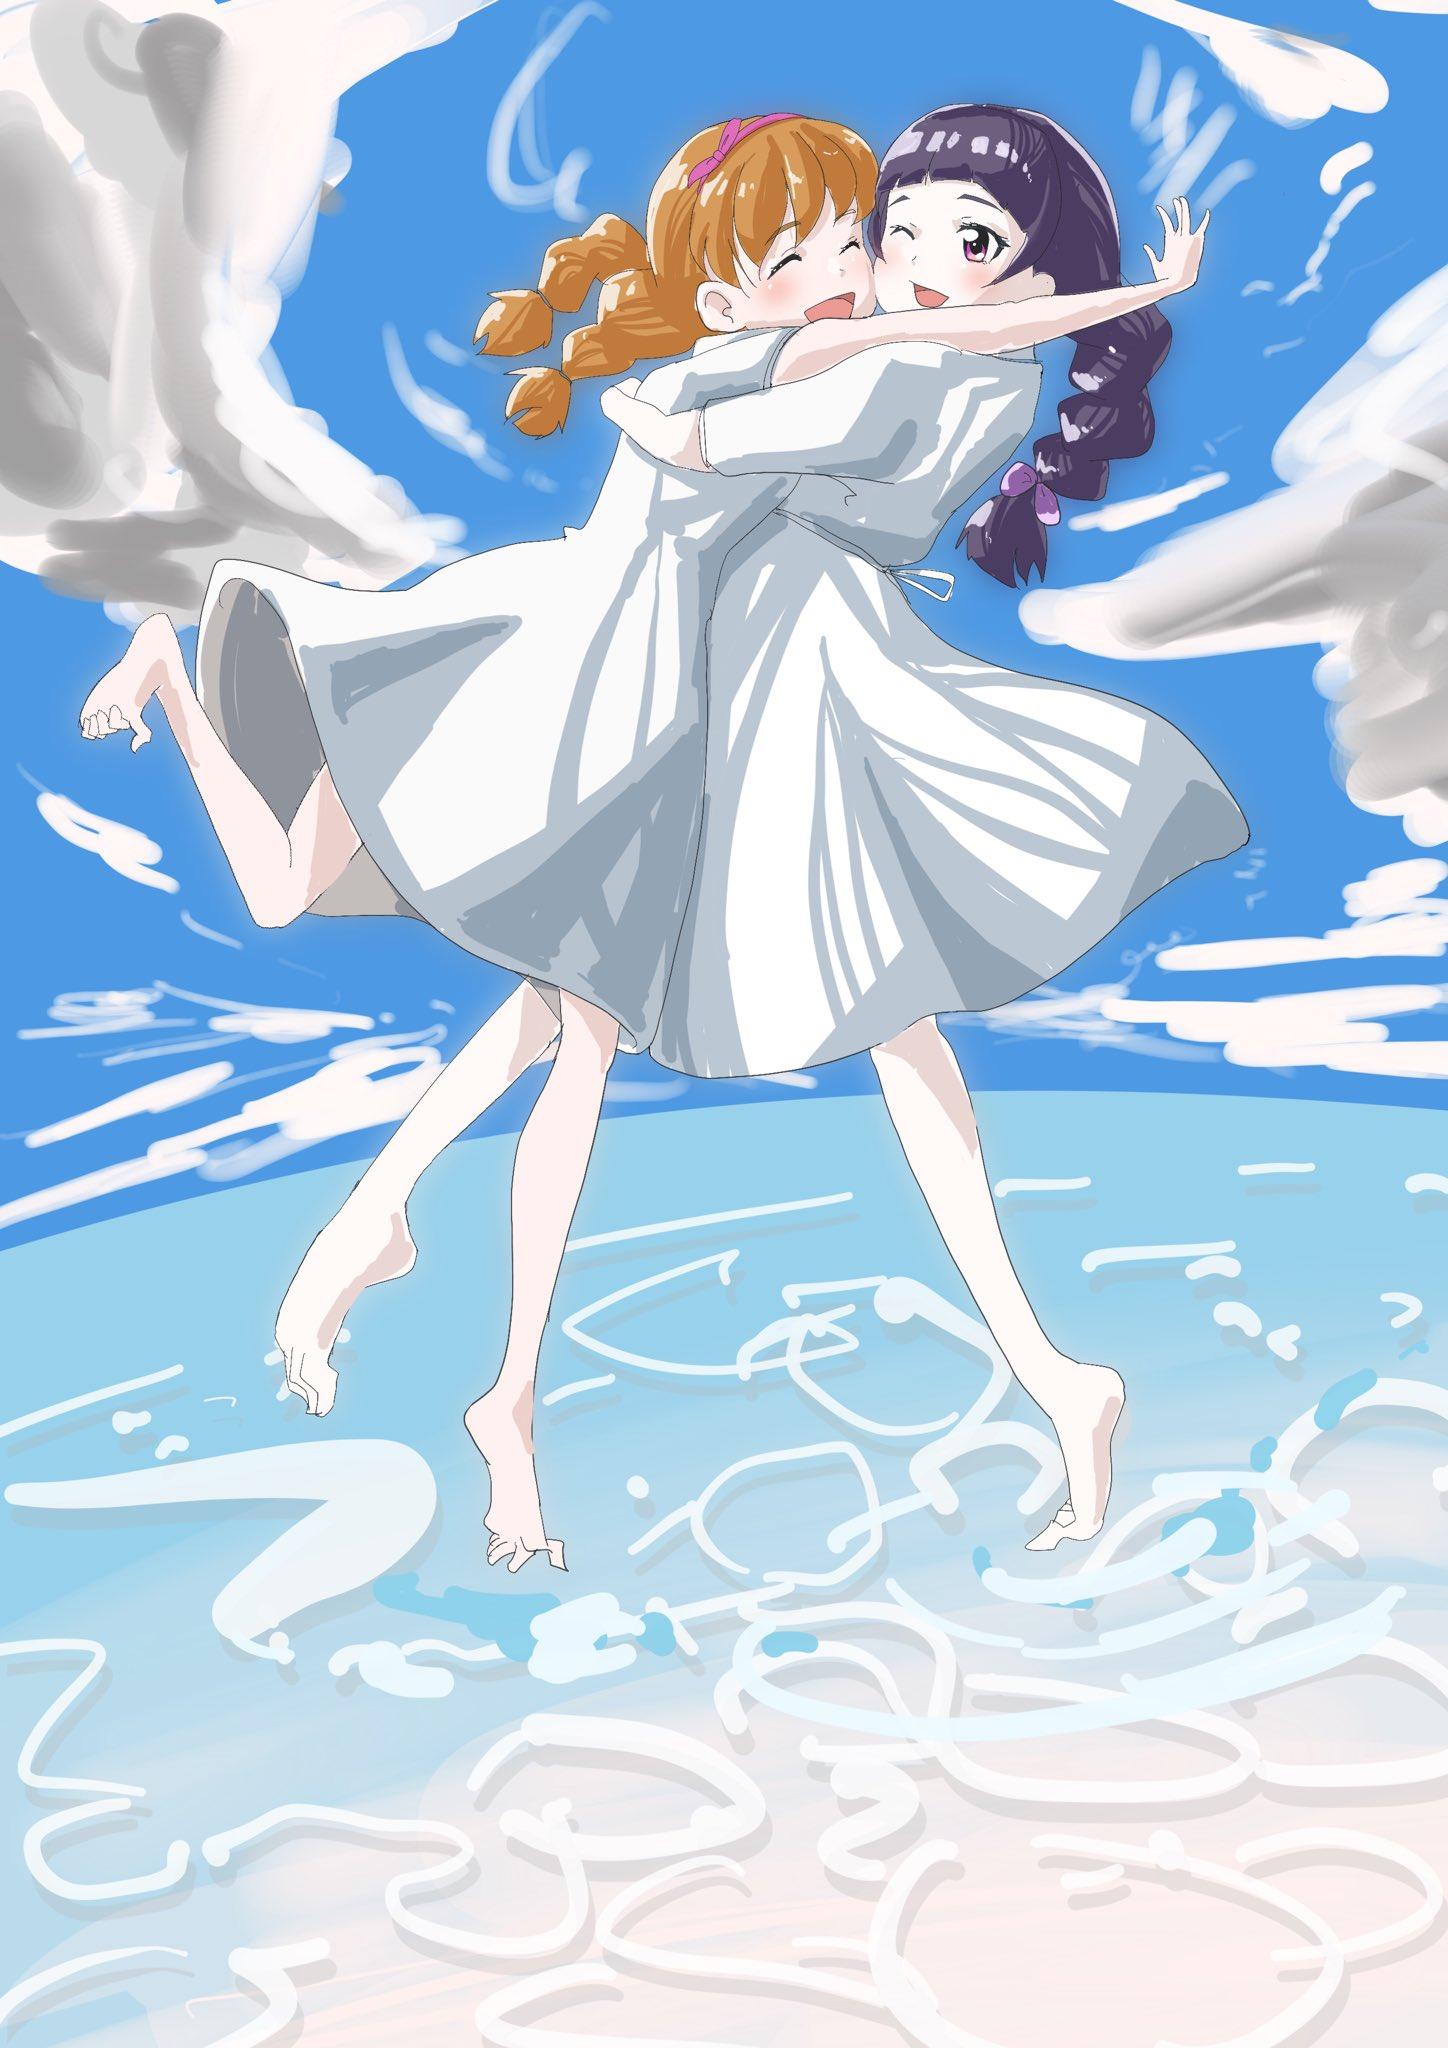 月☆桂☆冠 (@gekekan)さんのイラスト